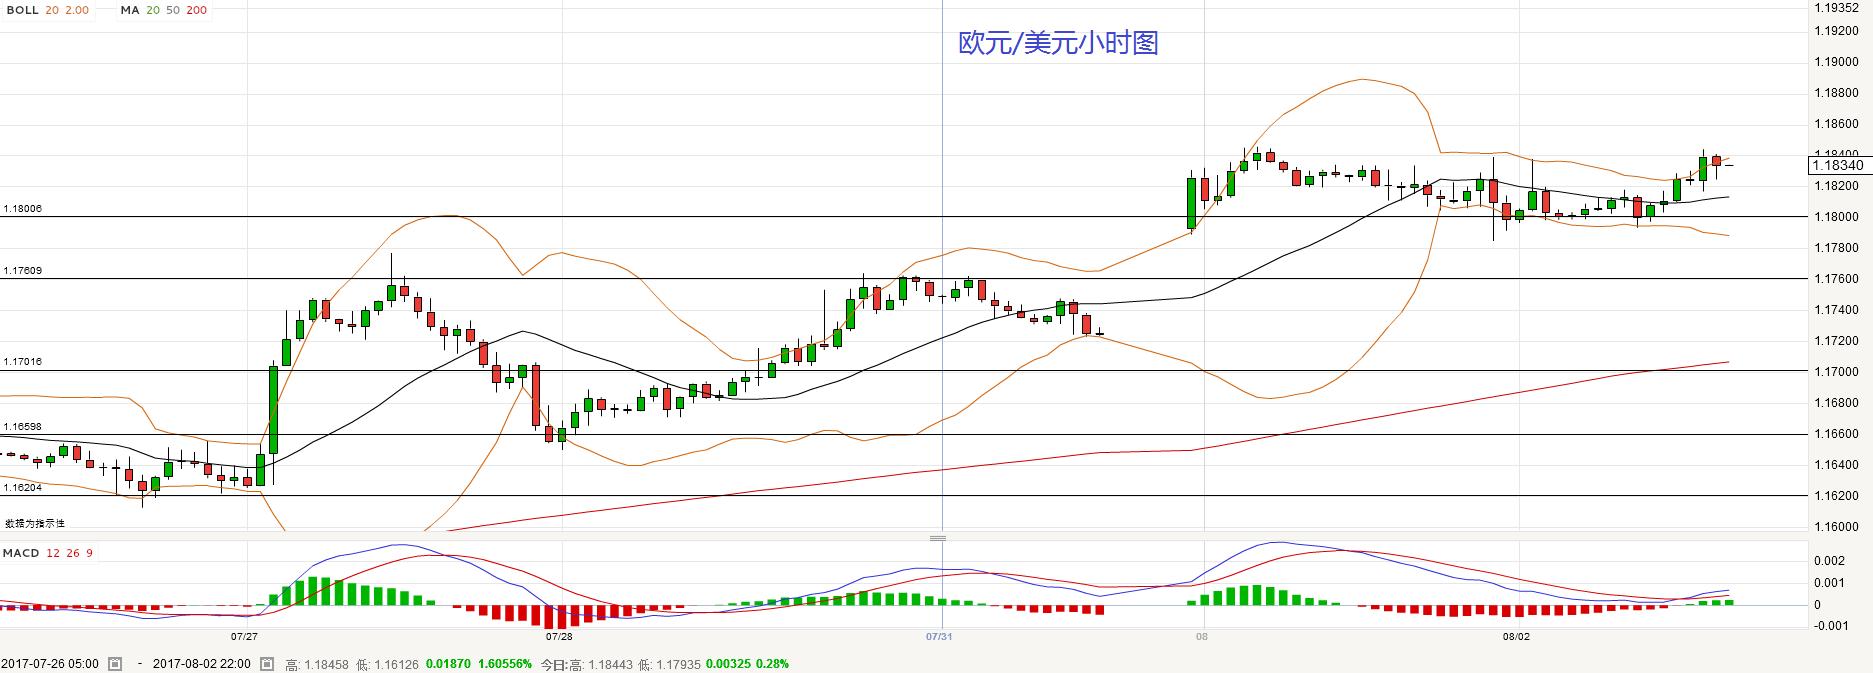 欧元/美元:短线倾向在1.1800上方逢低做多